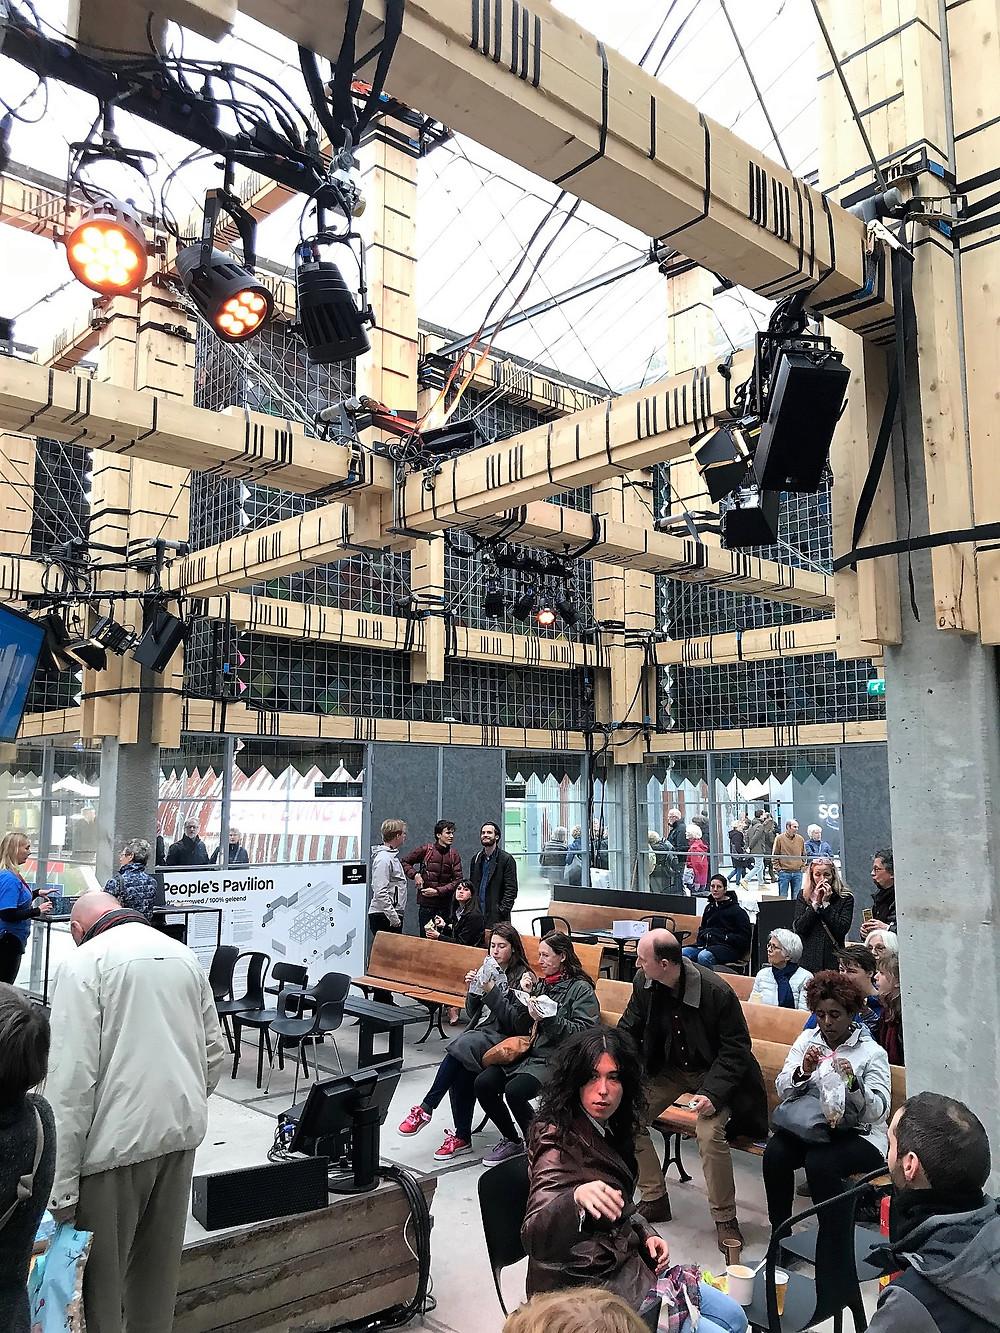 Op de Dutch Design Week was in 2017 een tijdelijk festivalgebouw te zien dat volledig met geleend materiaal was opgebouwd. Materiaal dat na afloop van de DDW weer keurig terug gebracht is naar de rechtmatige eigenaar.